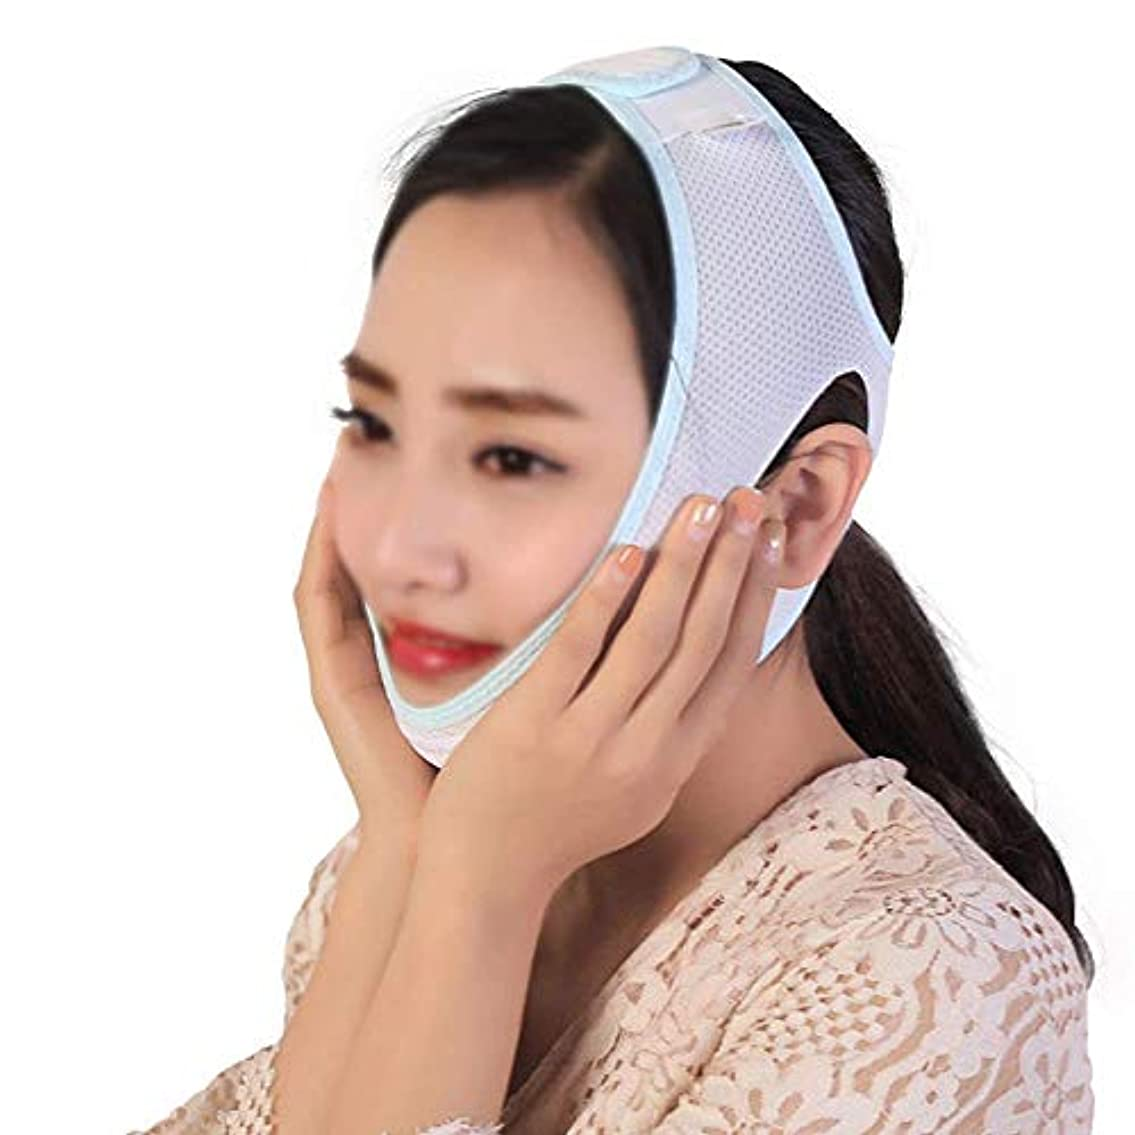 強度連邦クレデンシャルファーミングフェイスマスク、スモールVフェイスアーティファクトリフティングフェイスプラスチックフェイスマスクコンフォートアップグレード最適化フェイスカーブの向上包括的な通気性のある包帯(サイズ:M)